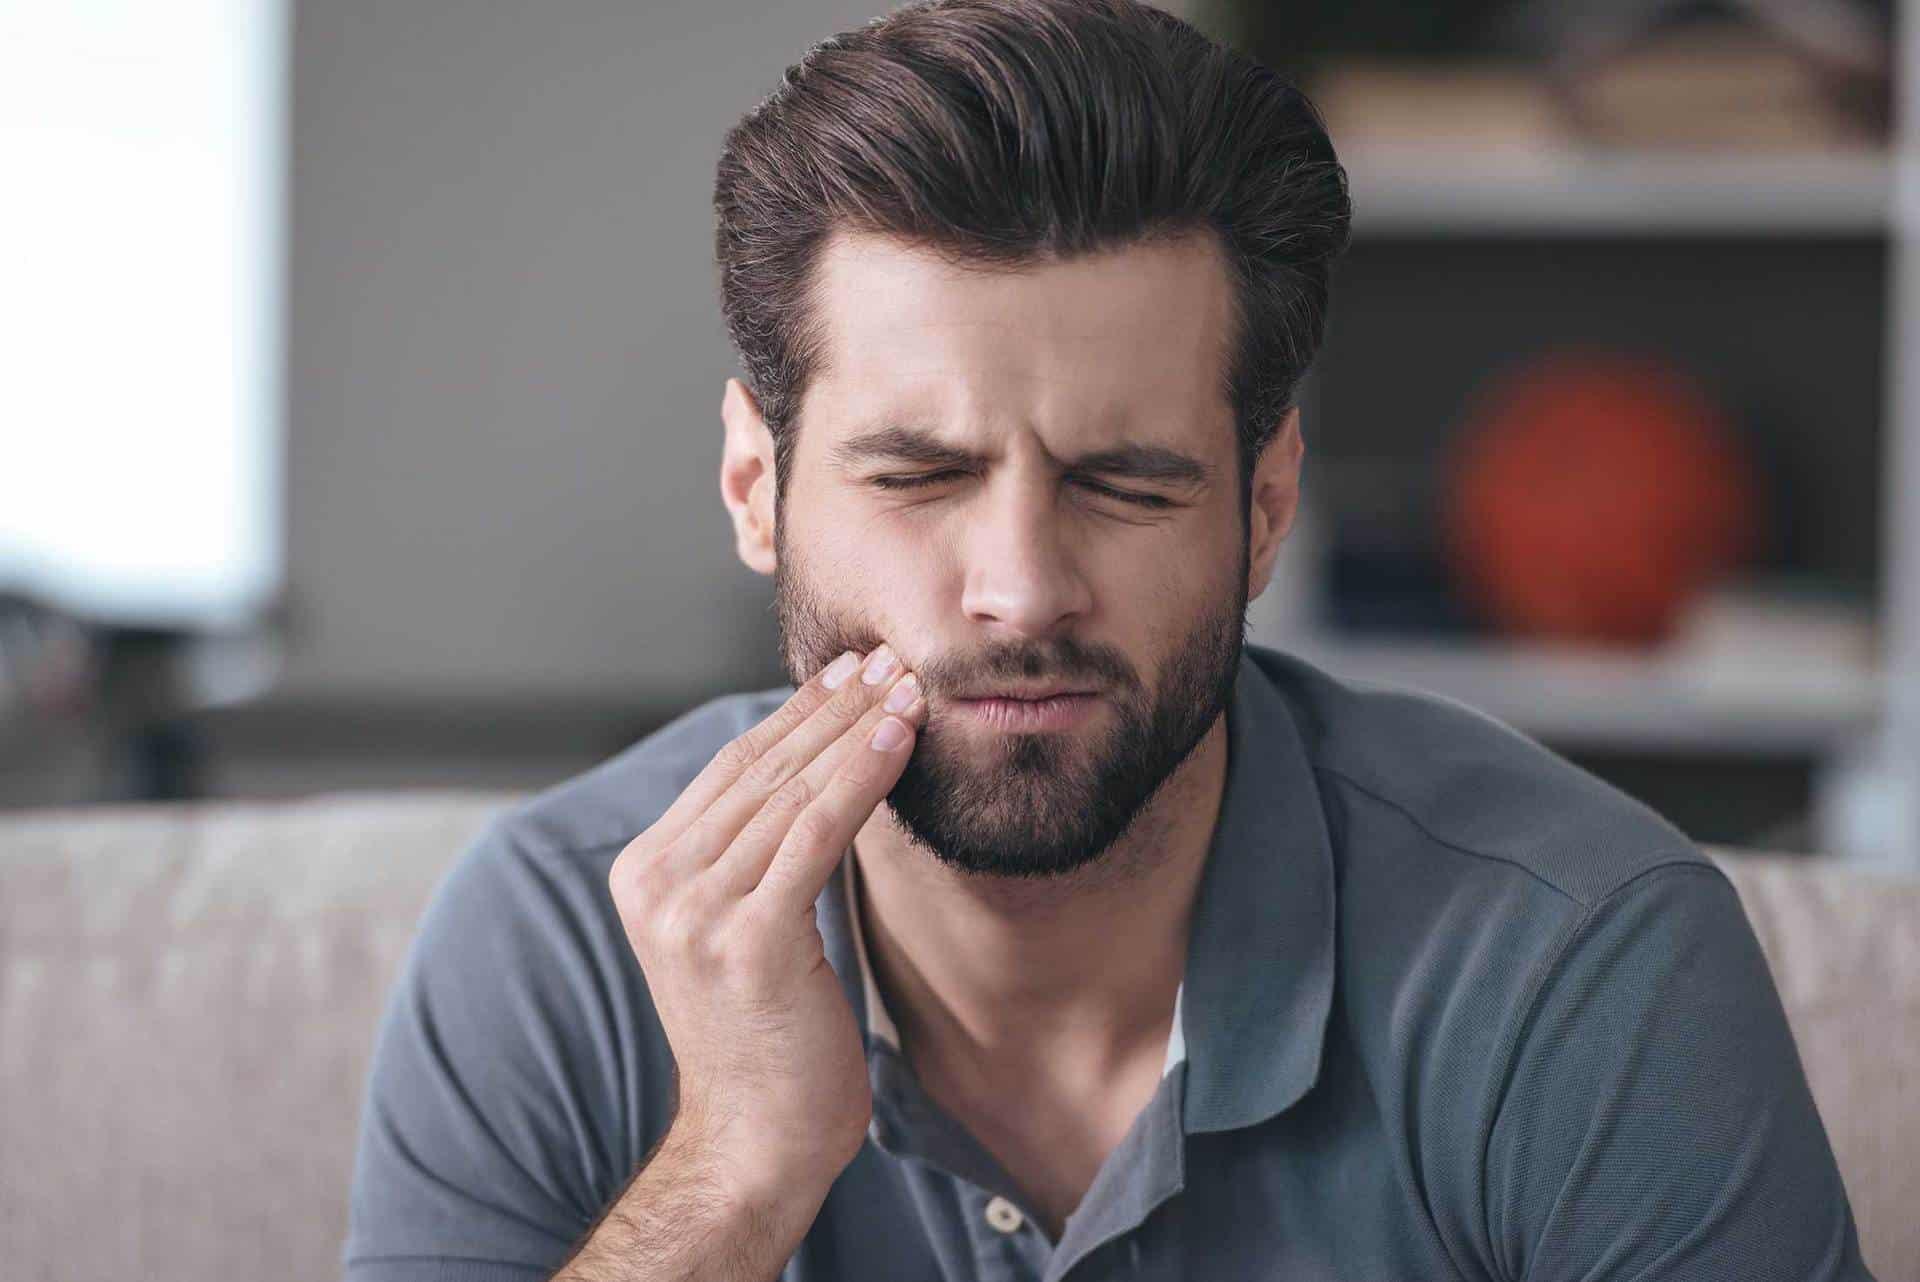 Junger Mann mit Bart hält sich die rechte Hand an die Backe, das Gesicht schmerzverzehrt vom pochenden Zahn